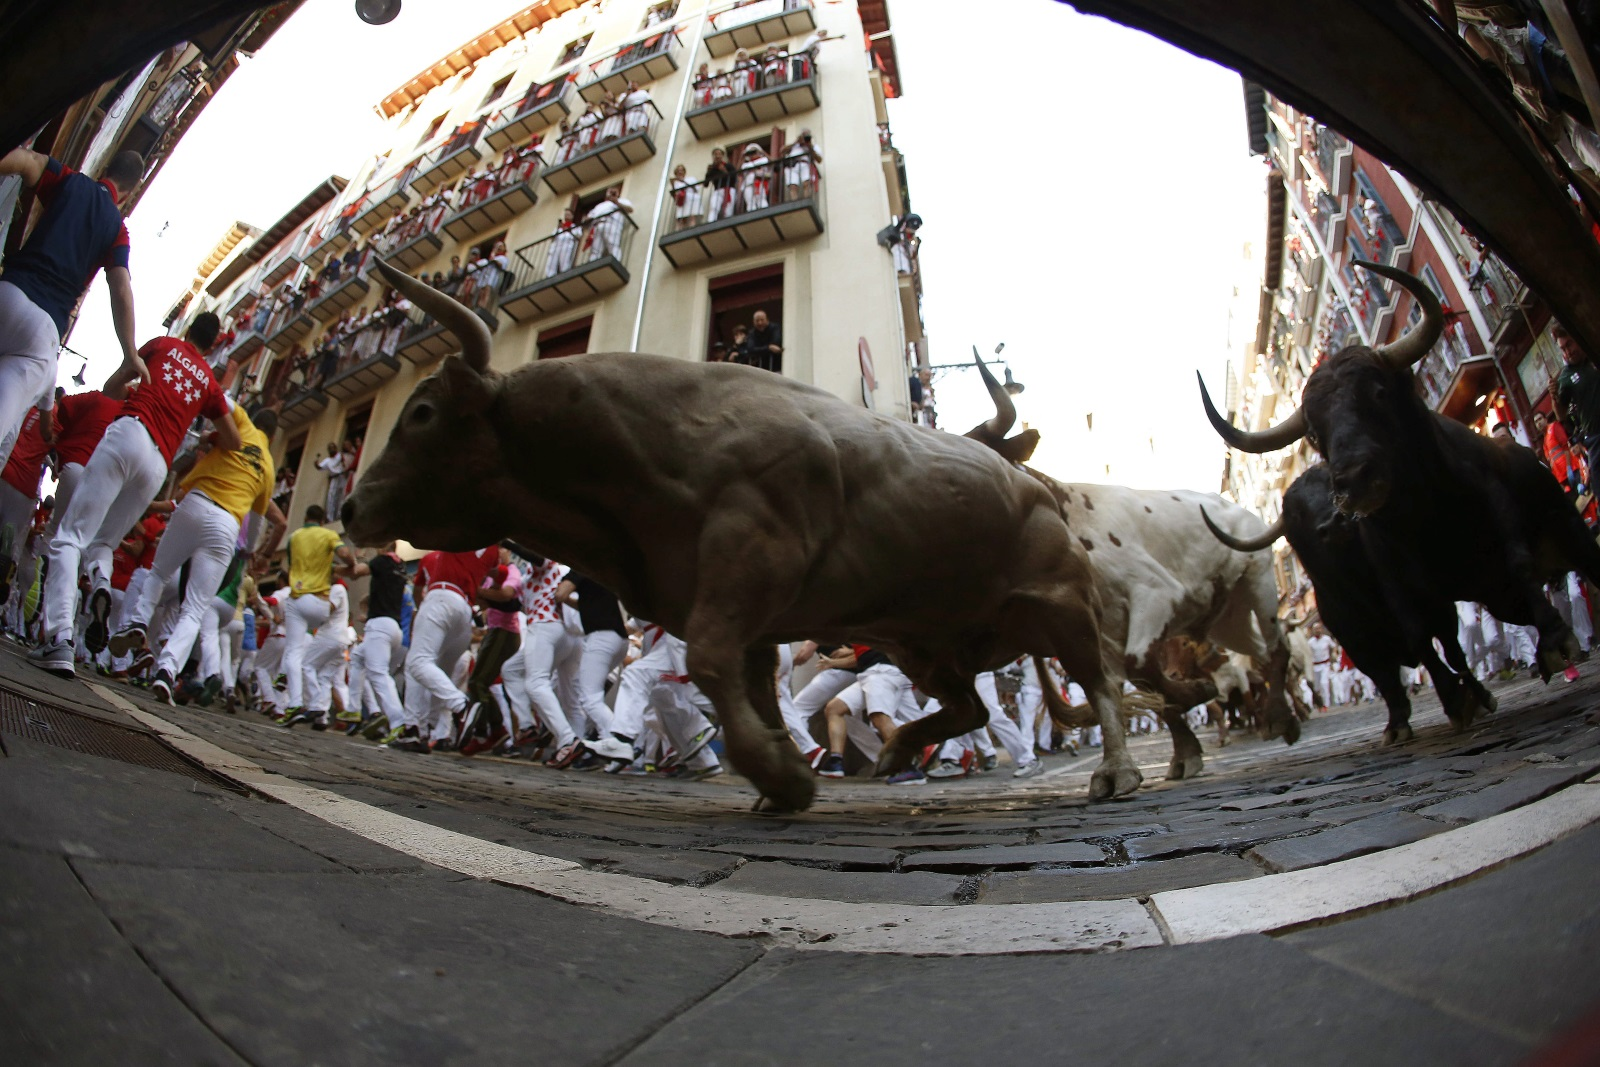 <p>Шестима души пострадаха, като единият е с прободна рана в крака, по време на днешното бягане пред биковете на фестивала Сан Фермин в Памплона. В предишните дни на фестивала двама американци и двама испанци бяха приети в болница с прободни рани. Фестивалът Сан Фермин в Памплона започна в събота. Той продължава девет дни и привлича около един милион посетители.. Пускането на биковете става световноизвестно, когато Хемингуей го описва в романа си &quot;Фиеста&quot;, публикуван през 1926 г.</p>